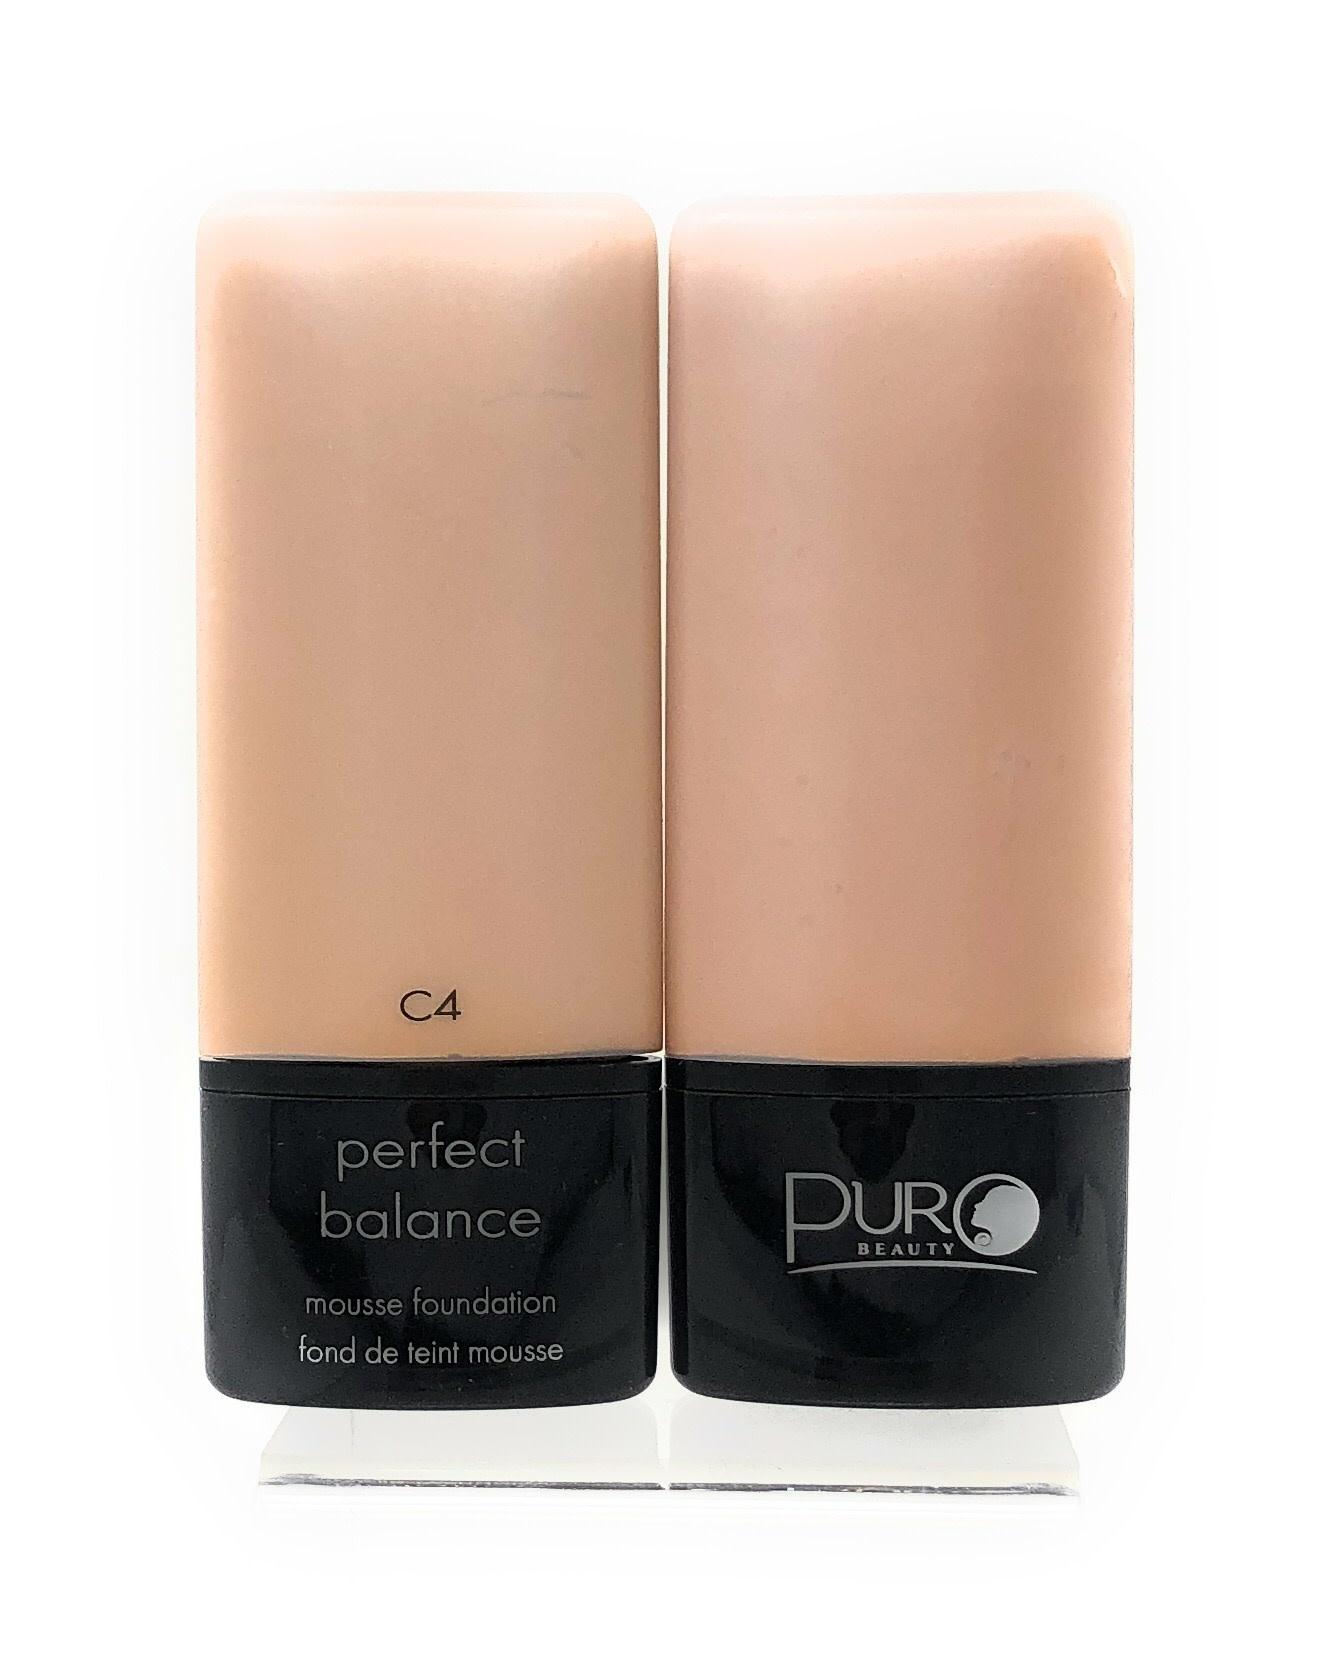 PURO PURO MOUSSE FOUNDATION PERFECT BALANCE C4 - KEM NỀN DẠNG MOUSSE PURO (MÀU VÀNG NHẸ) #C4  - CÂN BẰNG LÀN DA TUYỆT VỜI